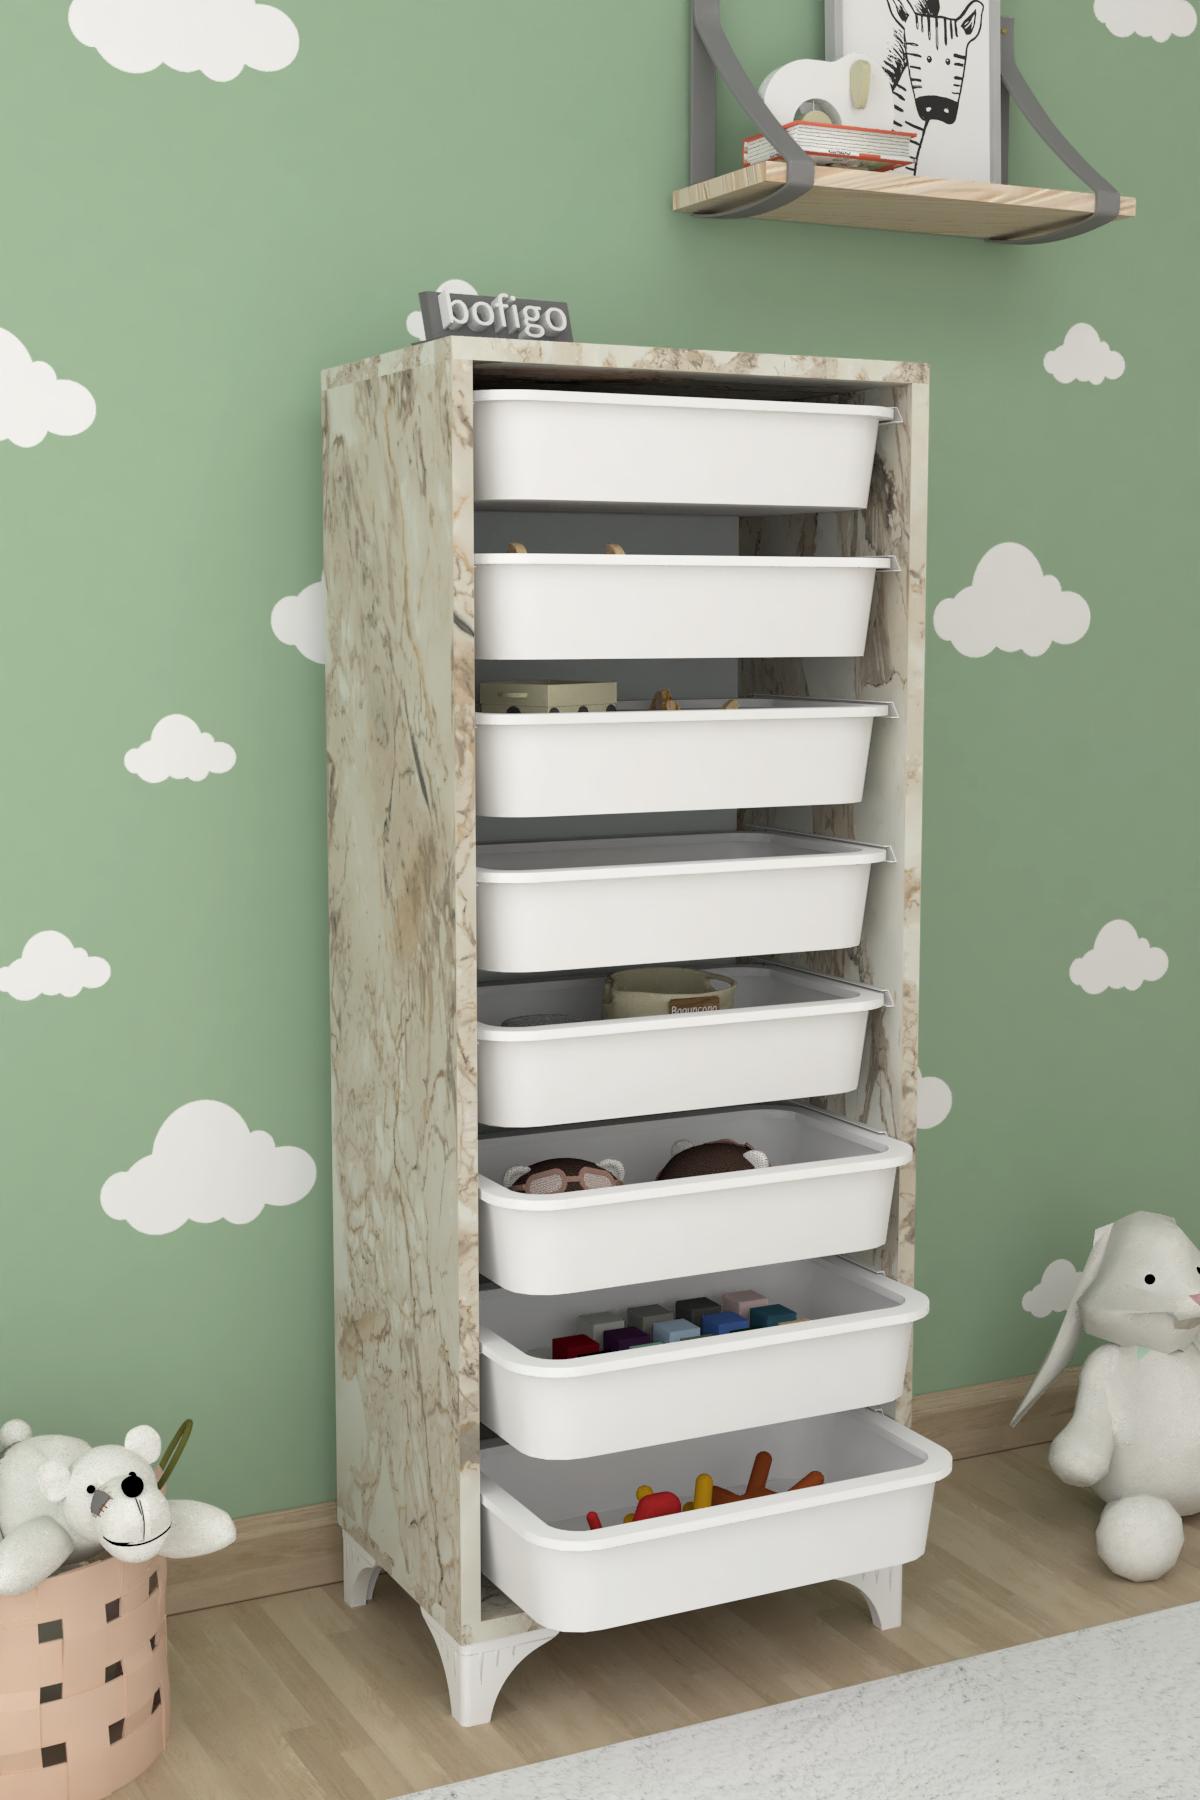 Bofigo 8 Basket Kitchen Cabinet Multi-Purpose Cupboard Crisper Efes